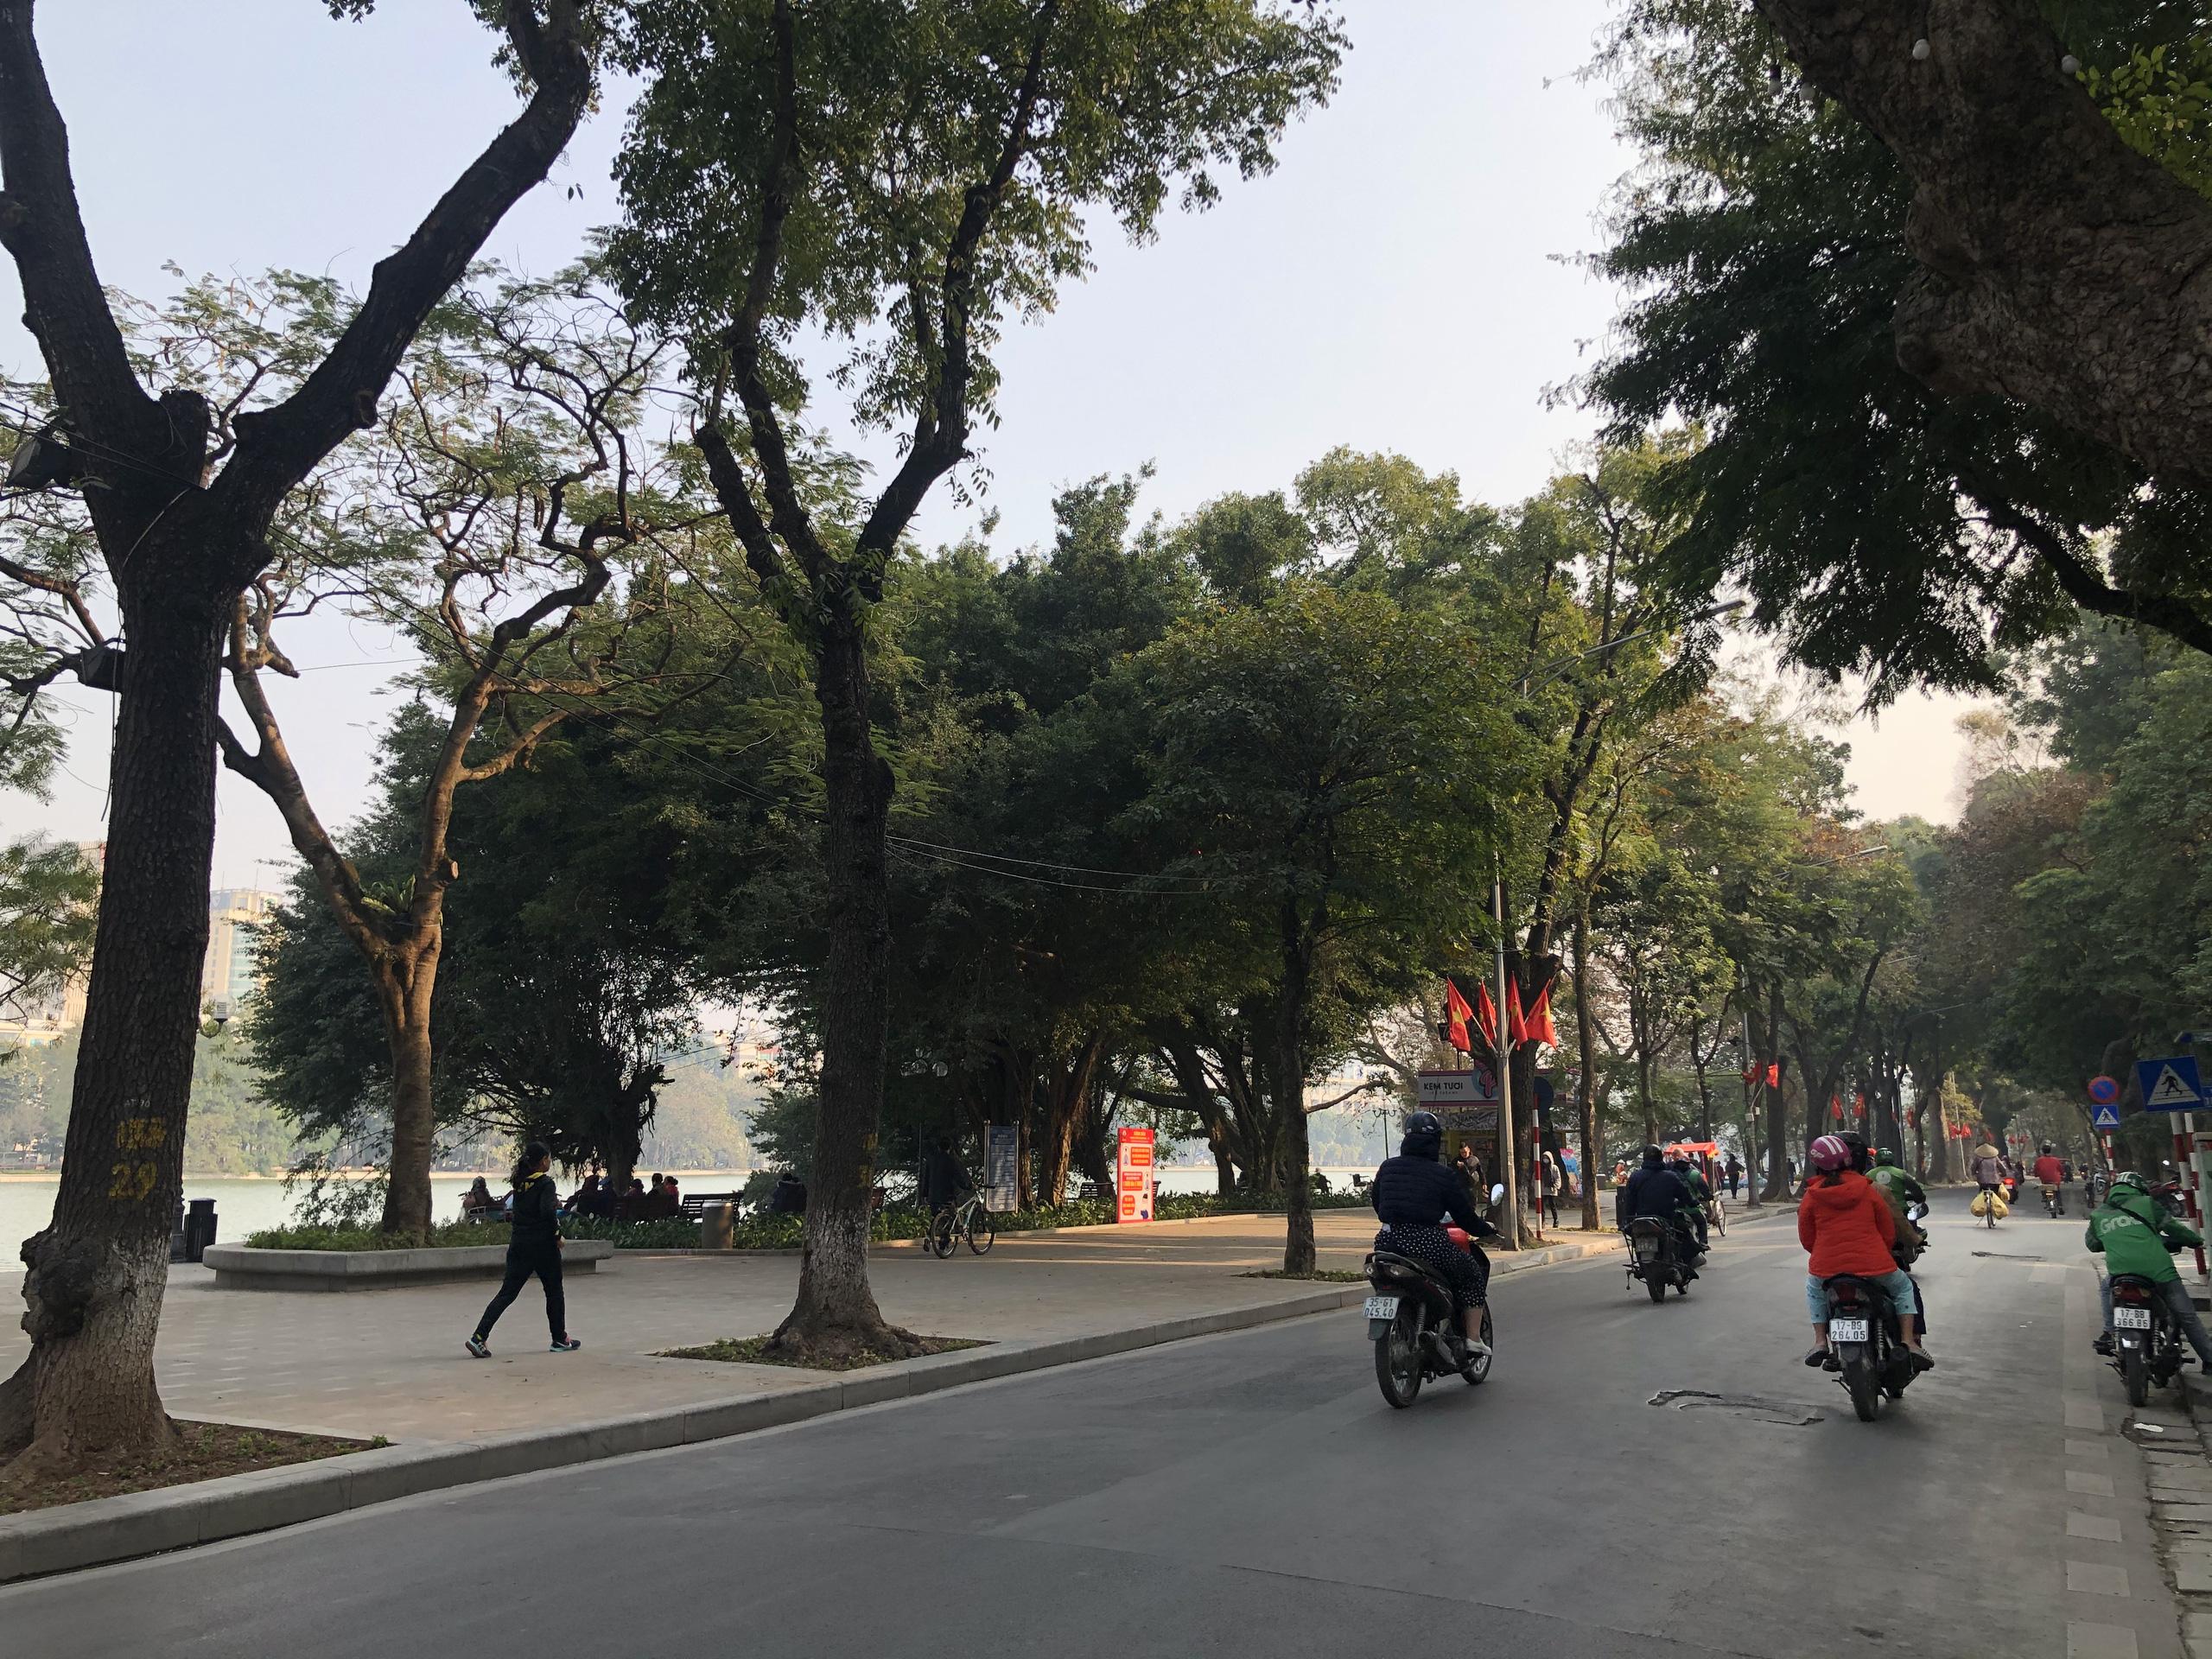 Giá đất phố Lê Thái Tổ, Hoàn Kiếm, Hà Nội - Ảnh 2.